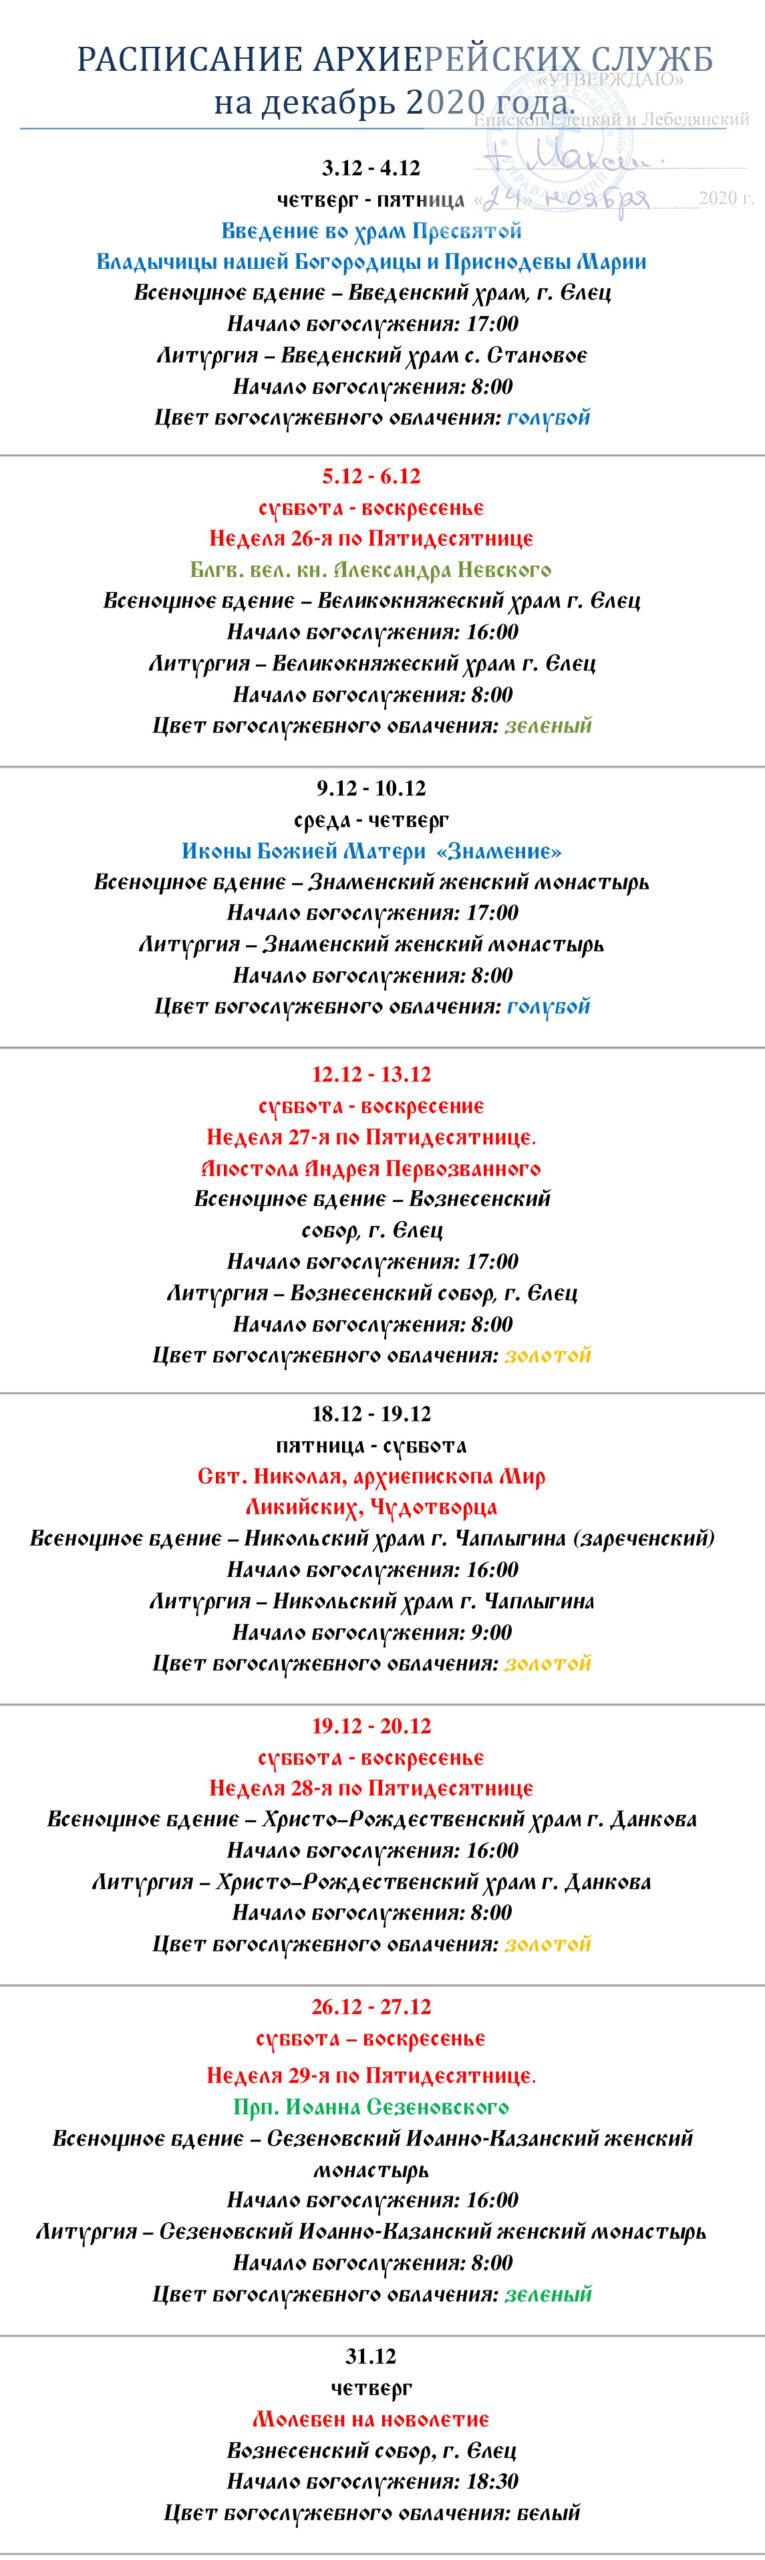 РАСПИСАНИЕ АРХИЕРЕЙСКИХ СЛУЖБ на декабрь 2020 года.